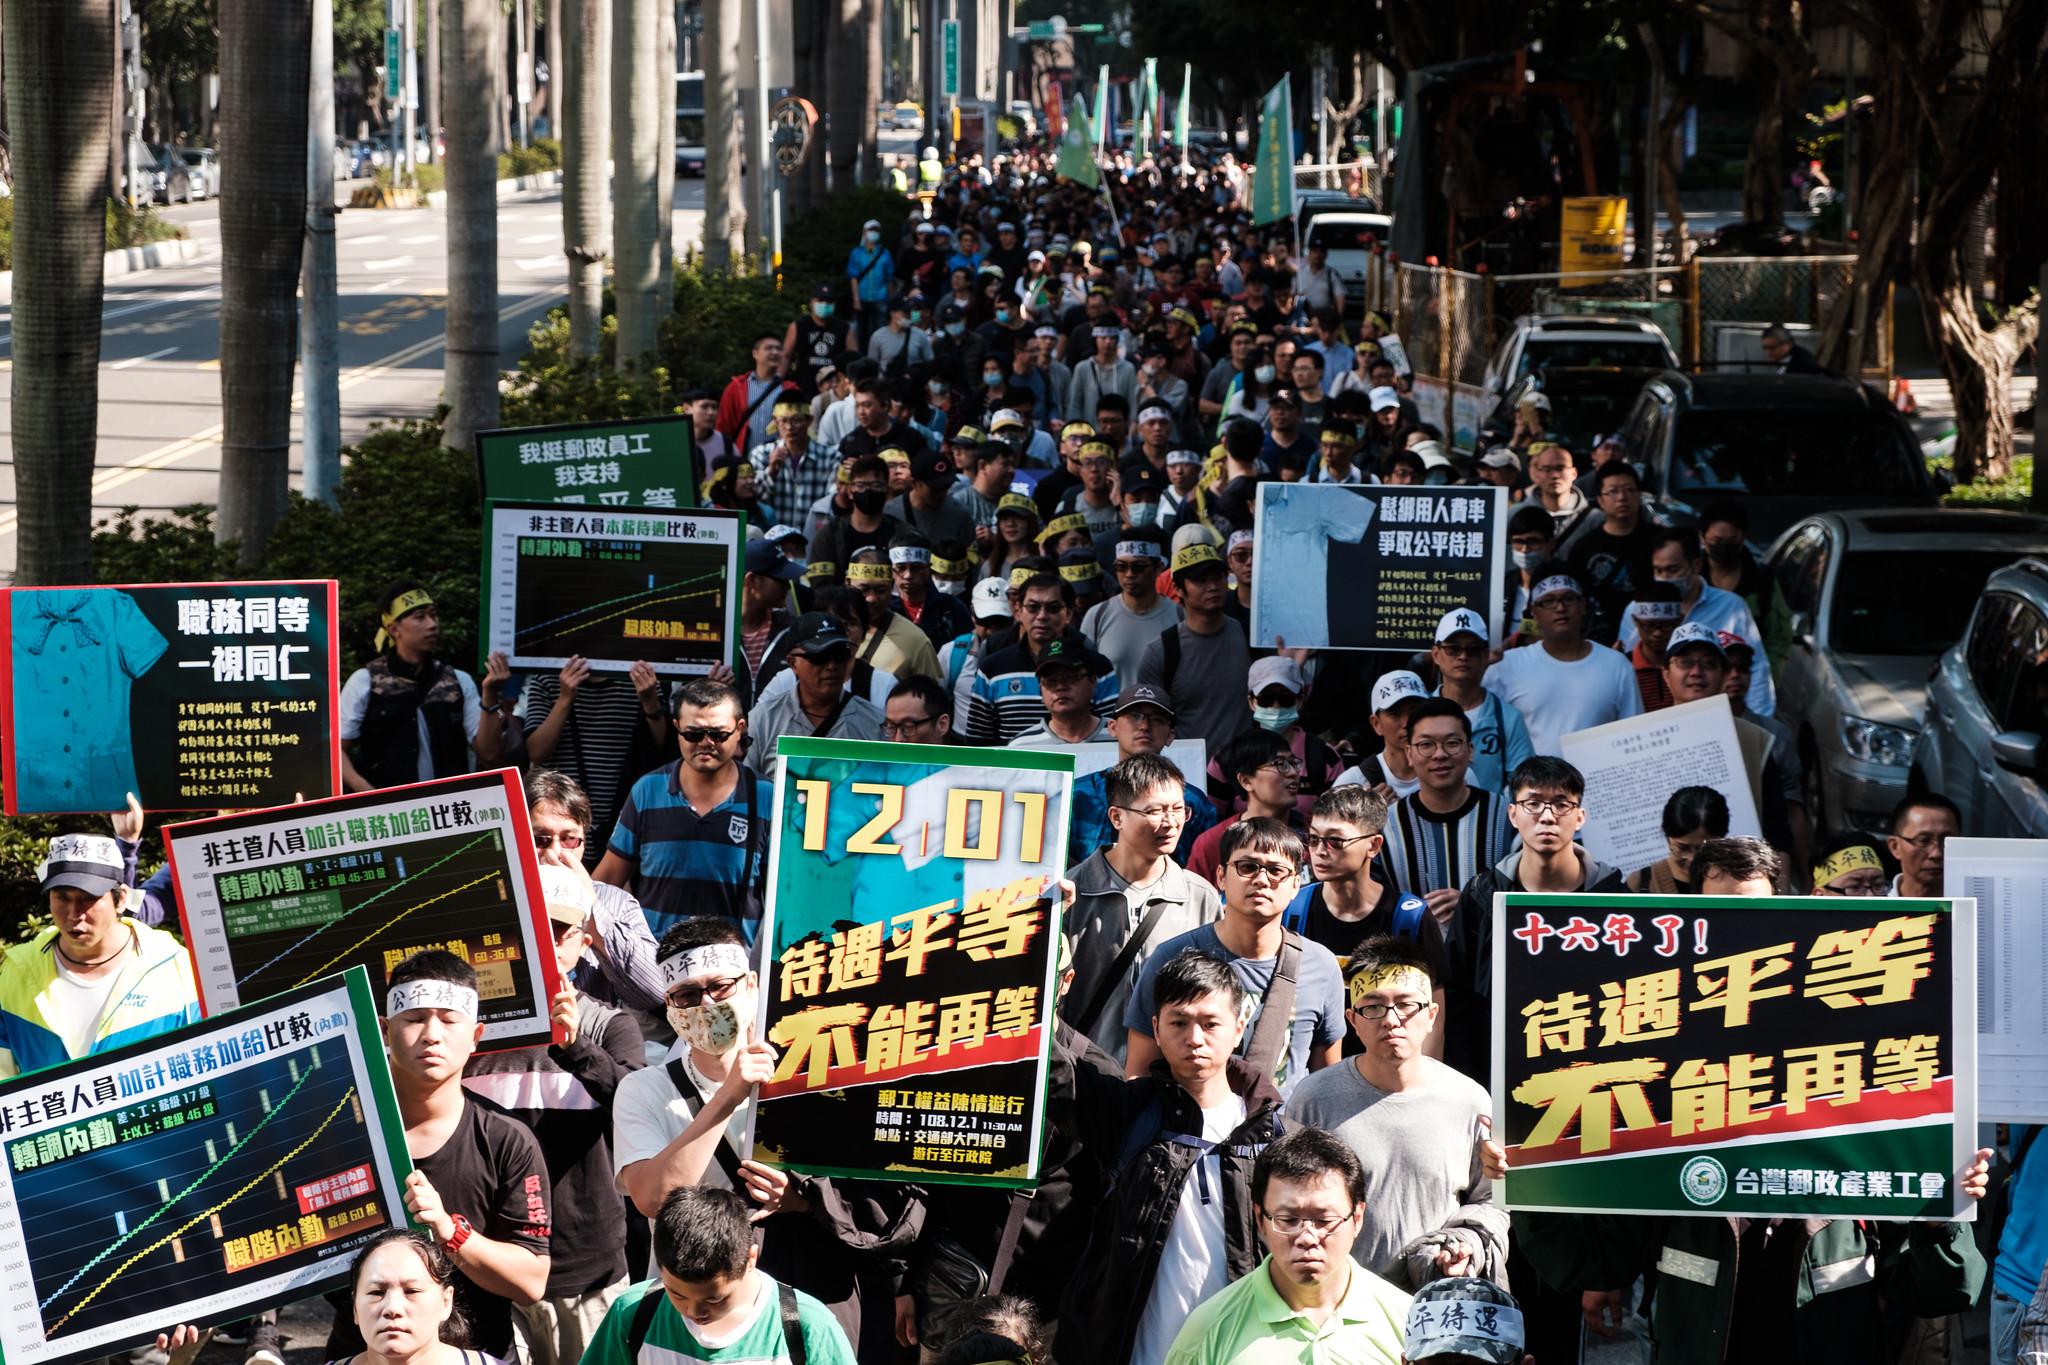 此次遊行共計約800人參與,抗議十六年來同工不同酬的不公現象,沿途並播放勞動者戰歌。(攝影:唐佐欣)